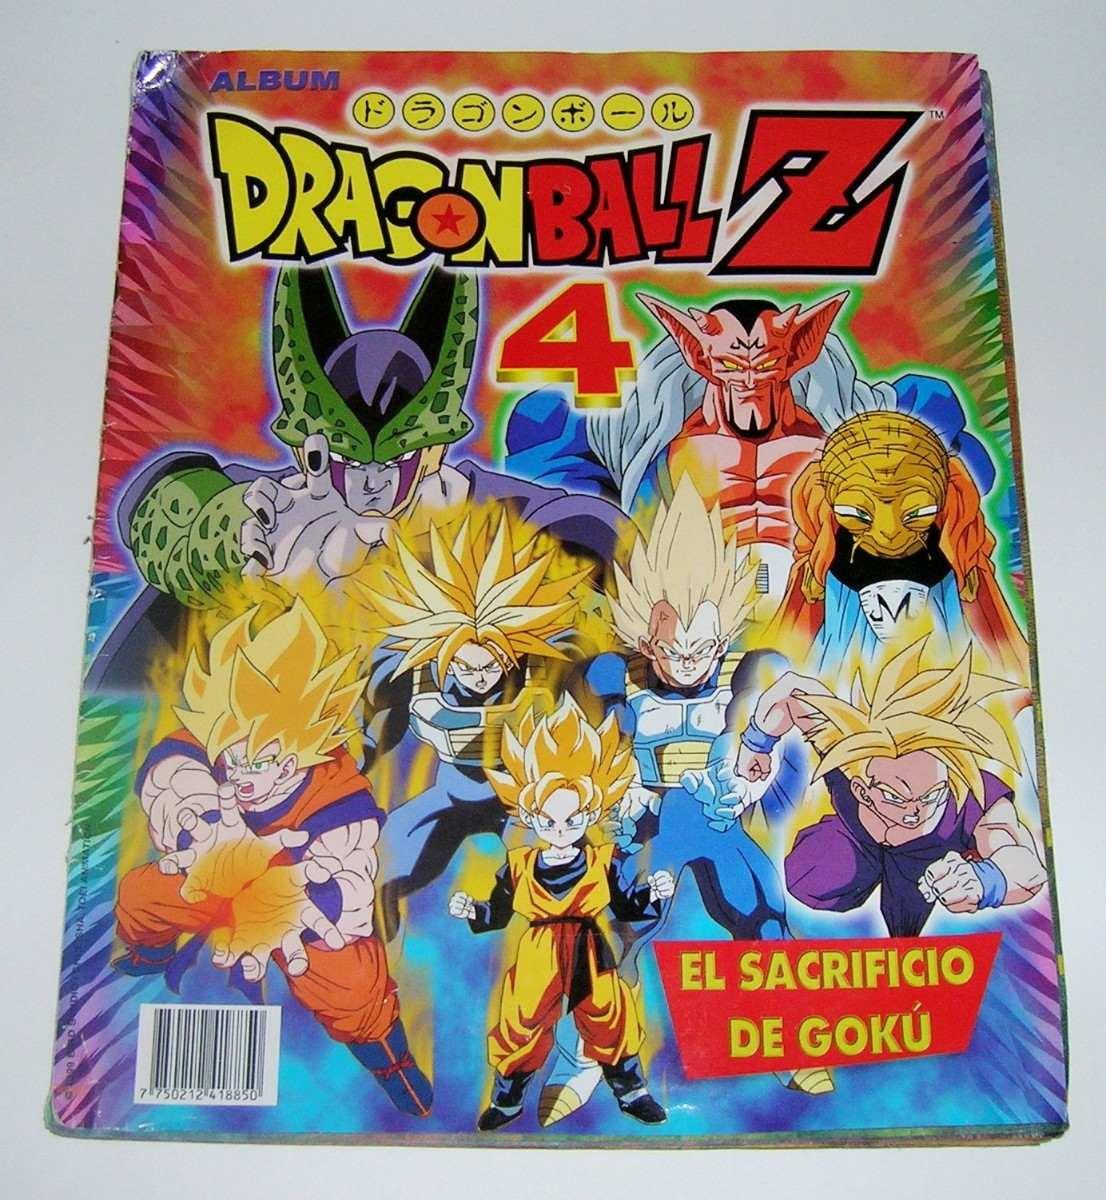 Dragon ball z 4 el sacrificio de goku album de estampas - Dragon ball z 4 ...